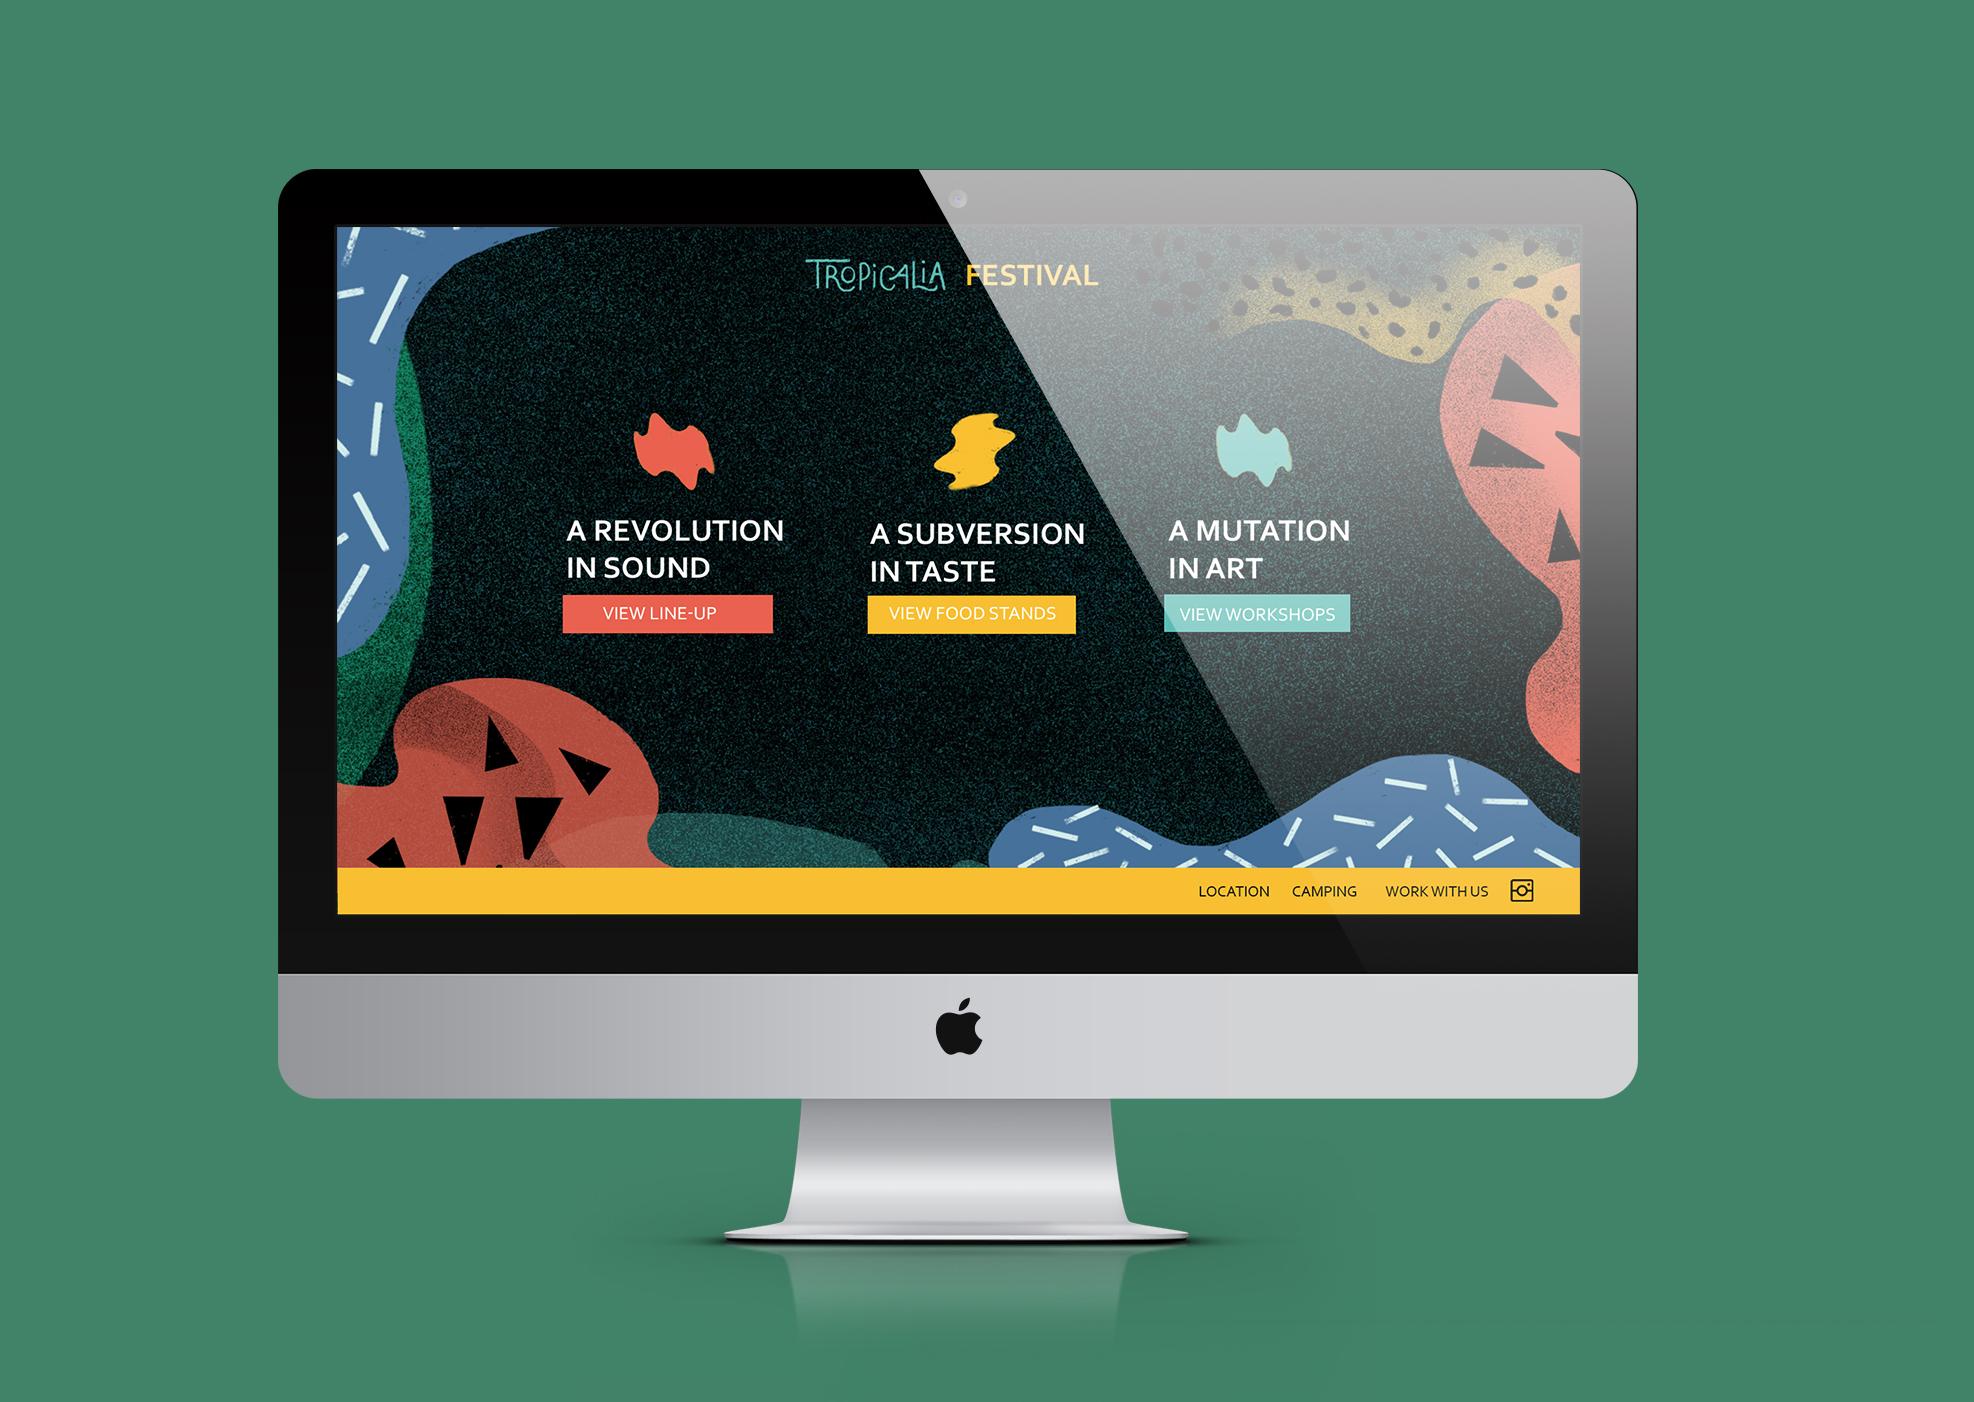 Tropicalia_Page2.jpg